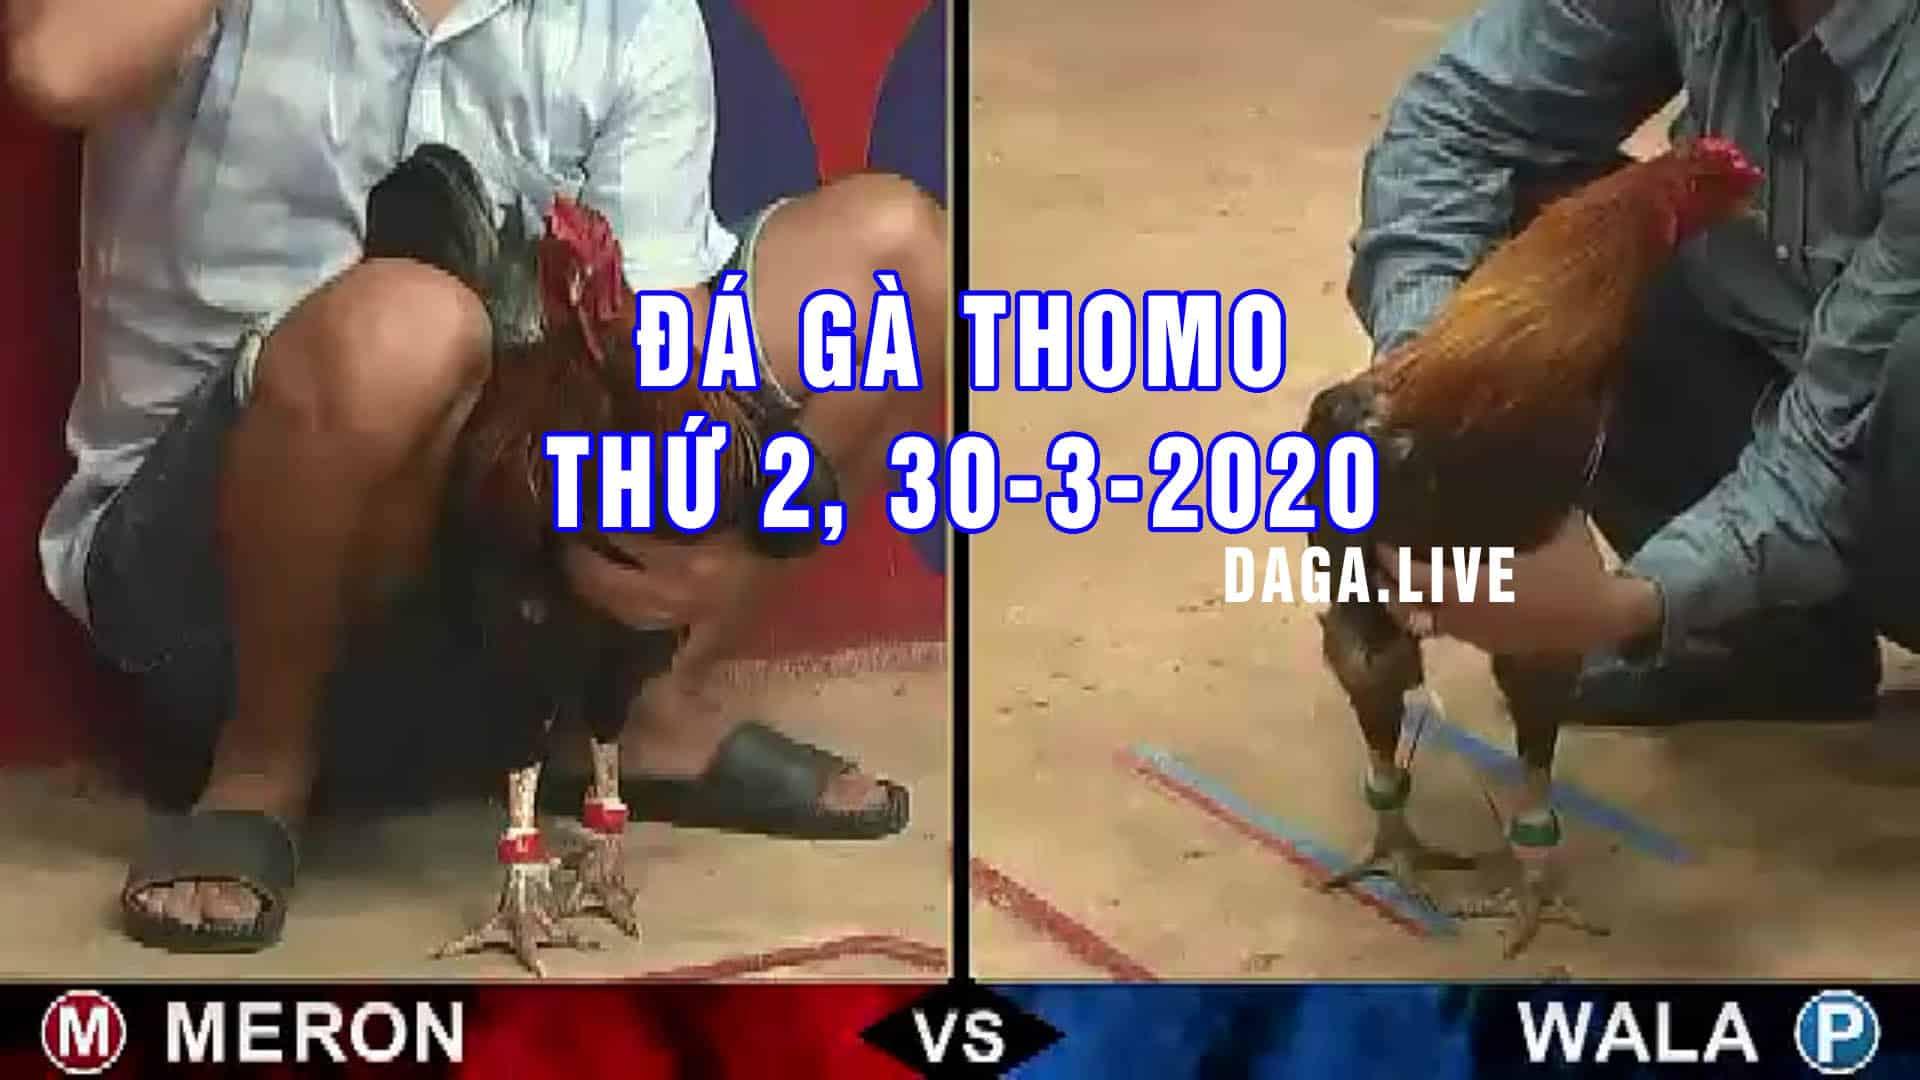 DAGA.LIVE - Đá gà thomo hôm nay, đá gà campuchia, đá gà cựa sắt, đá gà trực tiếp thứ 2 ngày 30-3-2020